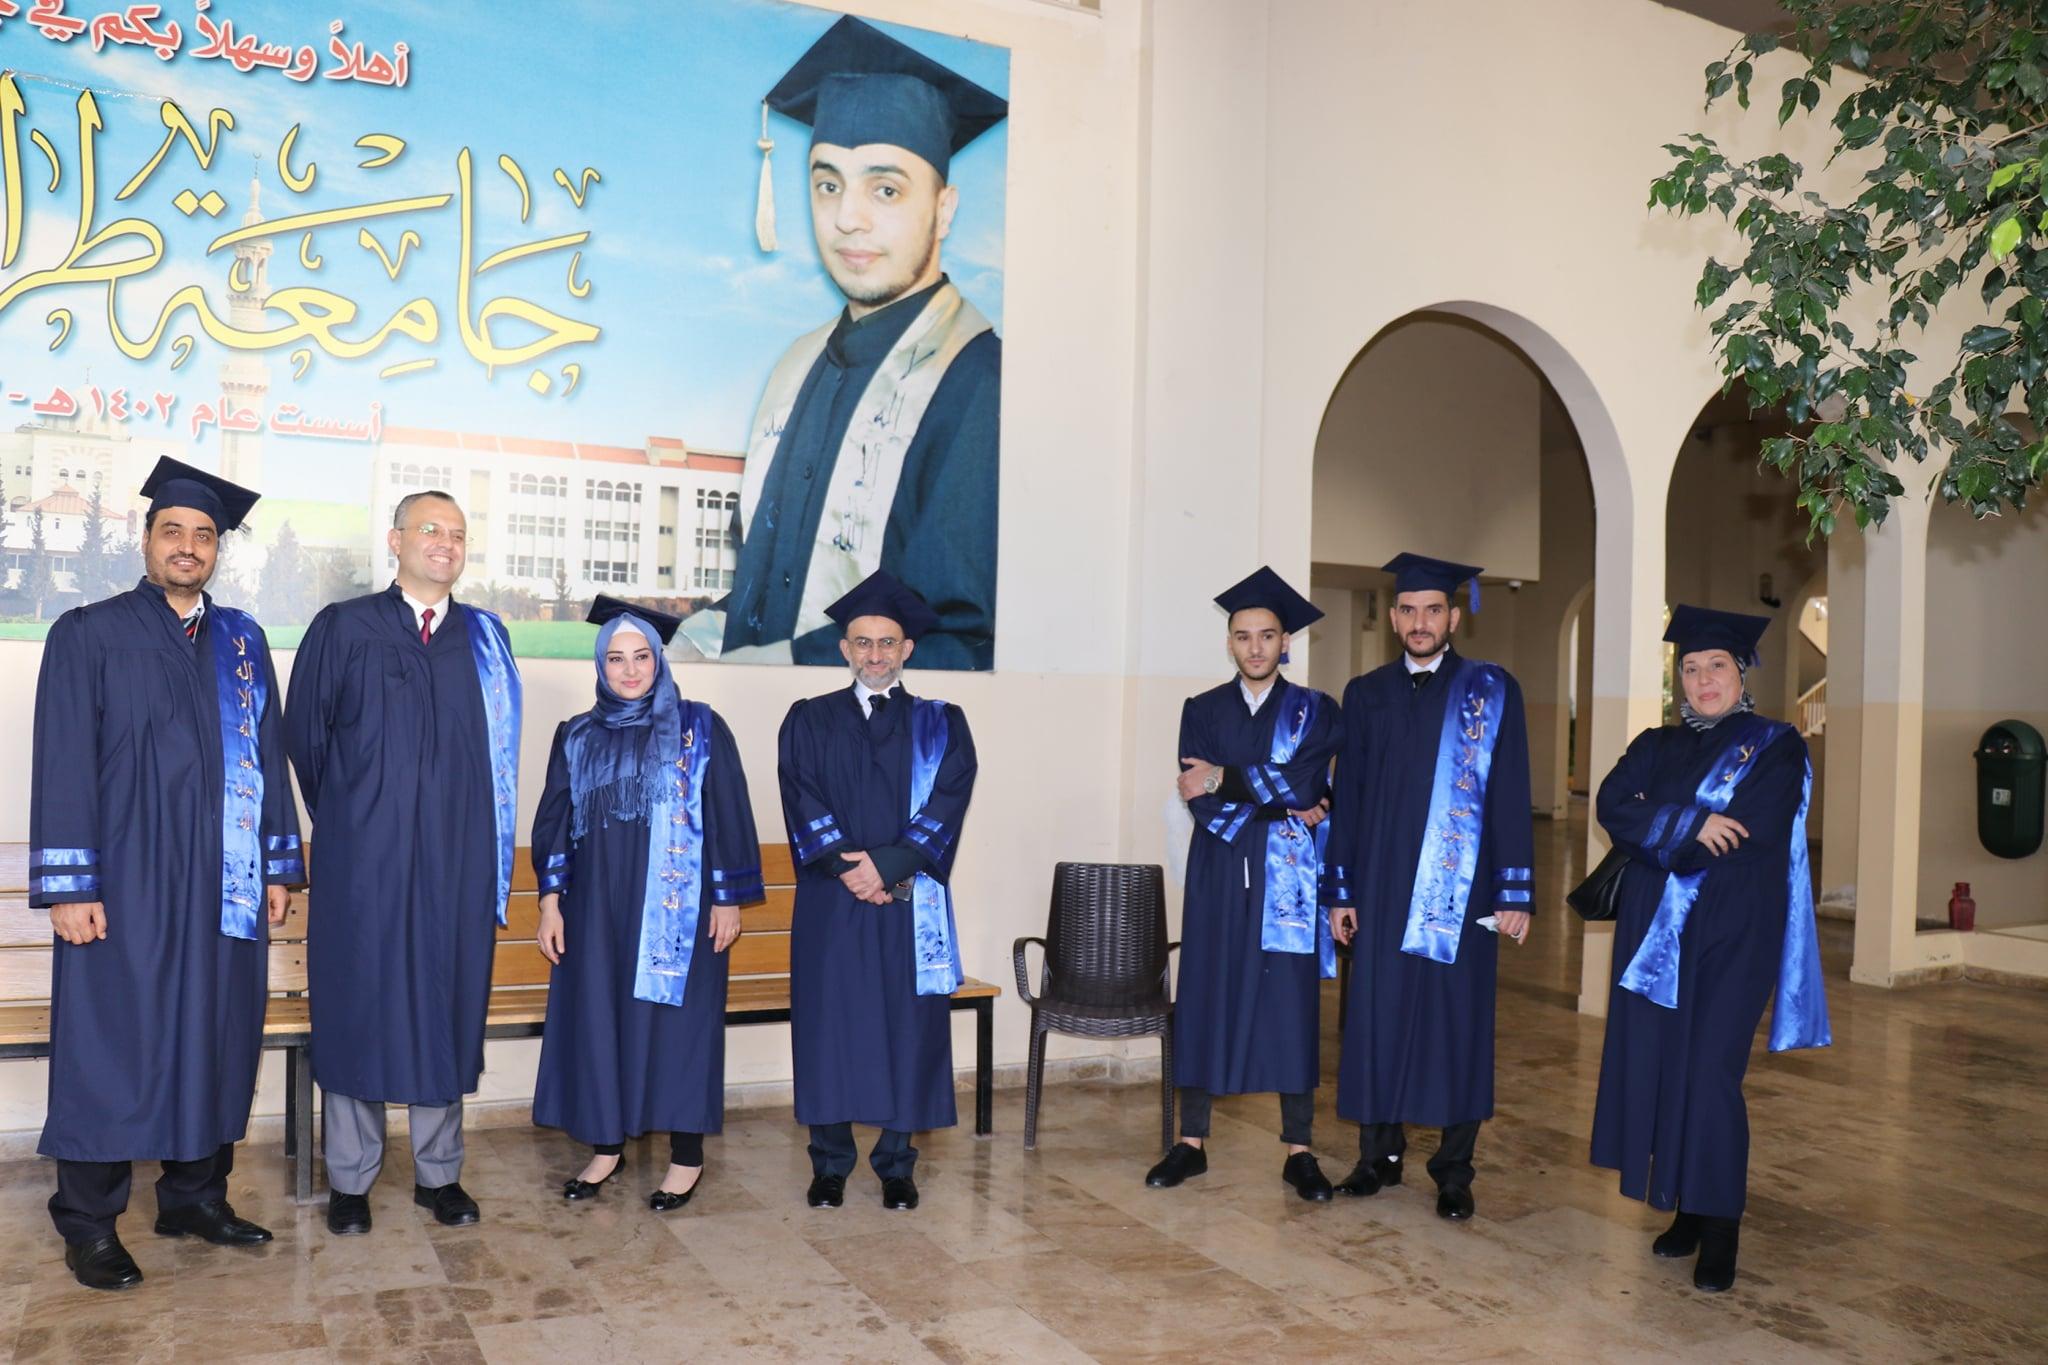 حفل تصويري لخريجي طلاب كلية إدارة الأعمال في جامعة طرابلس (7/7)